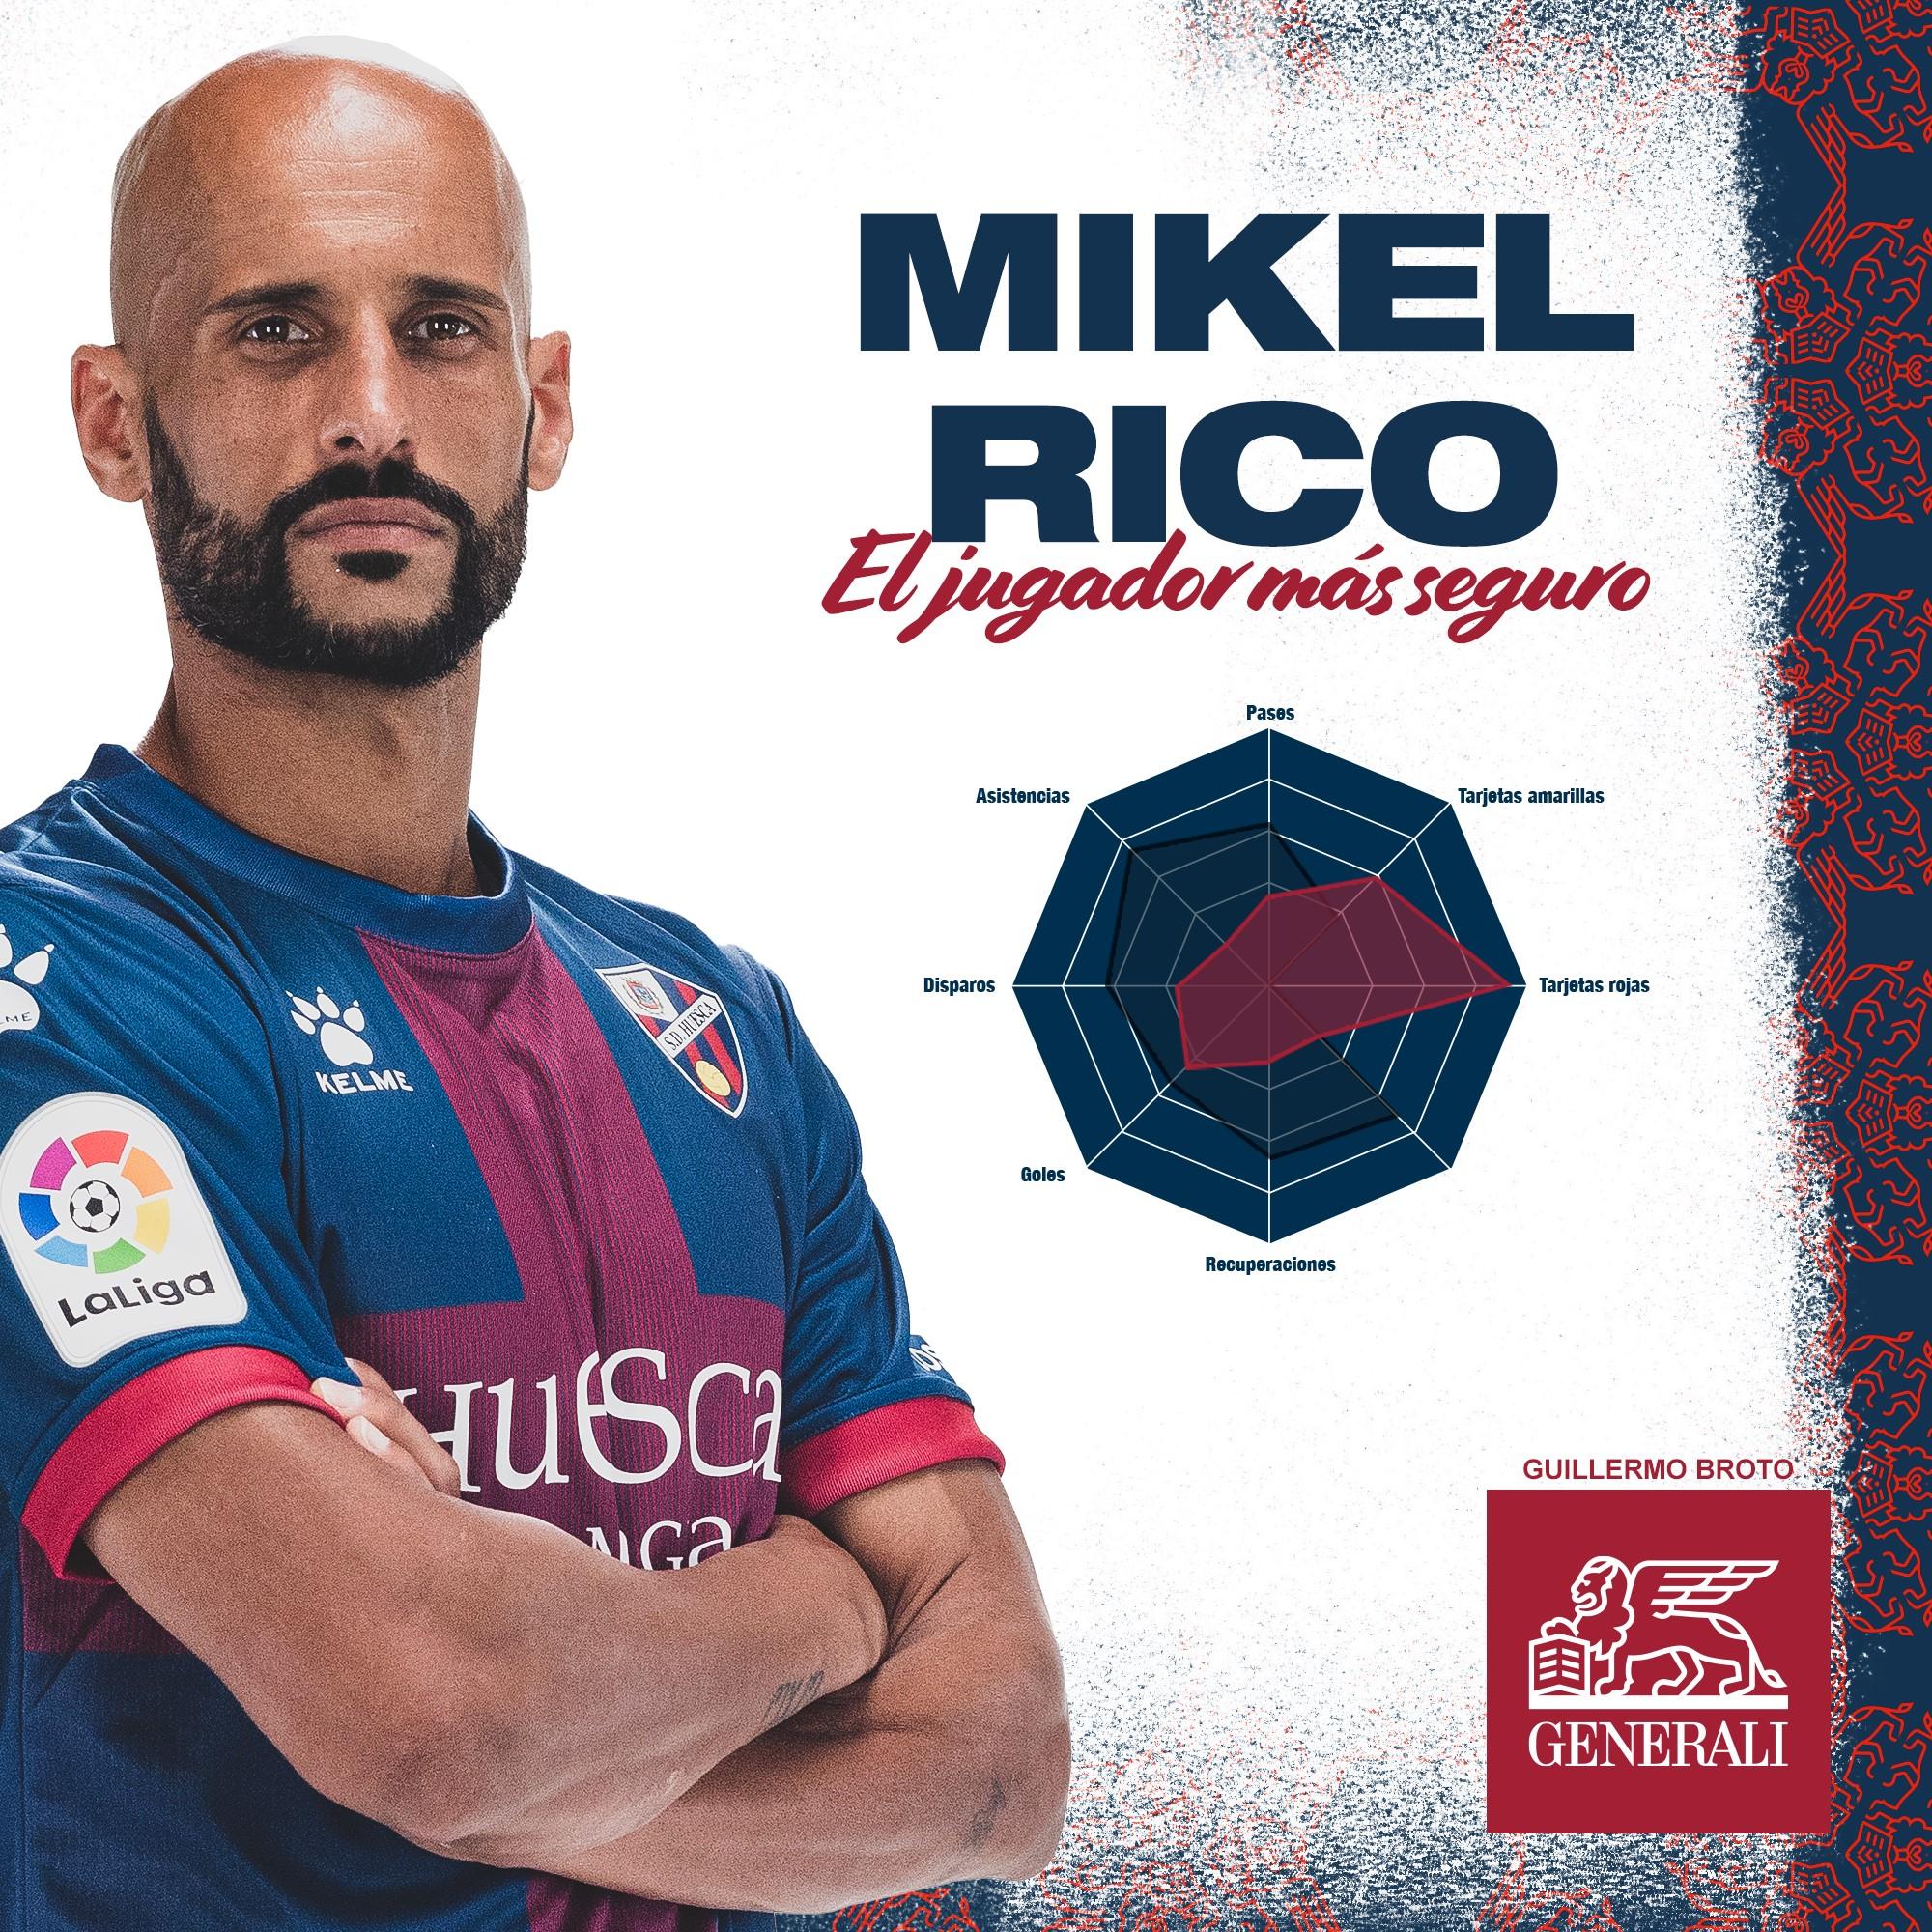 Mikel Rico, jugador más seguro de marzo